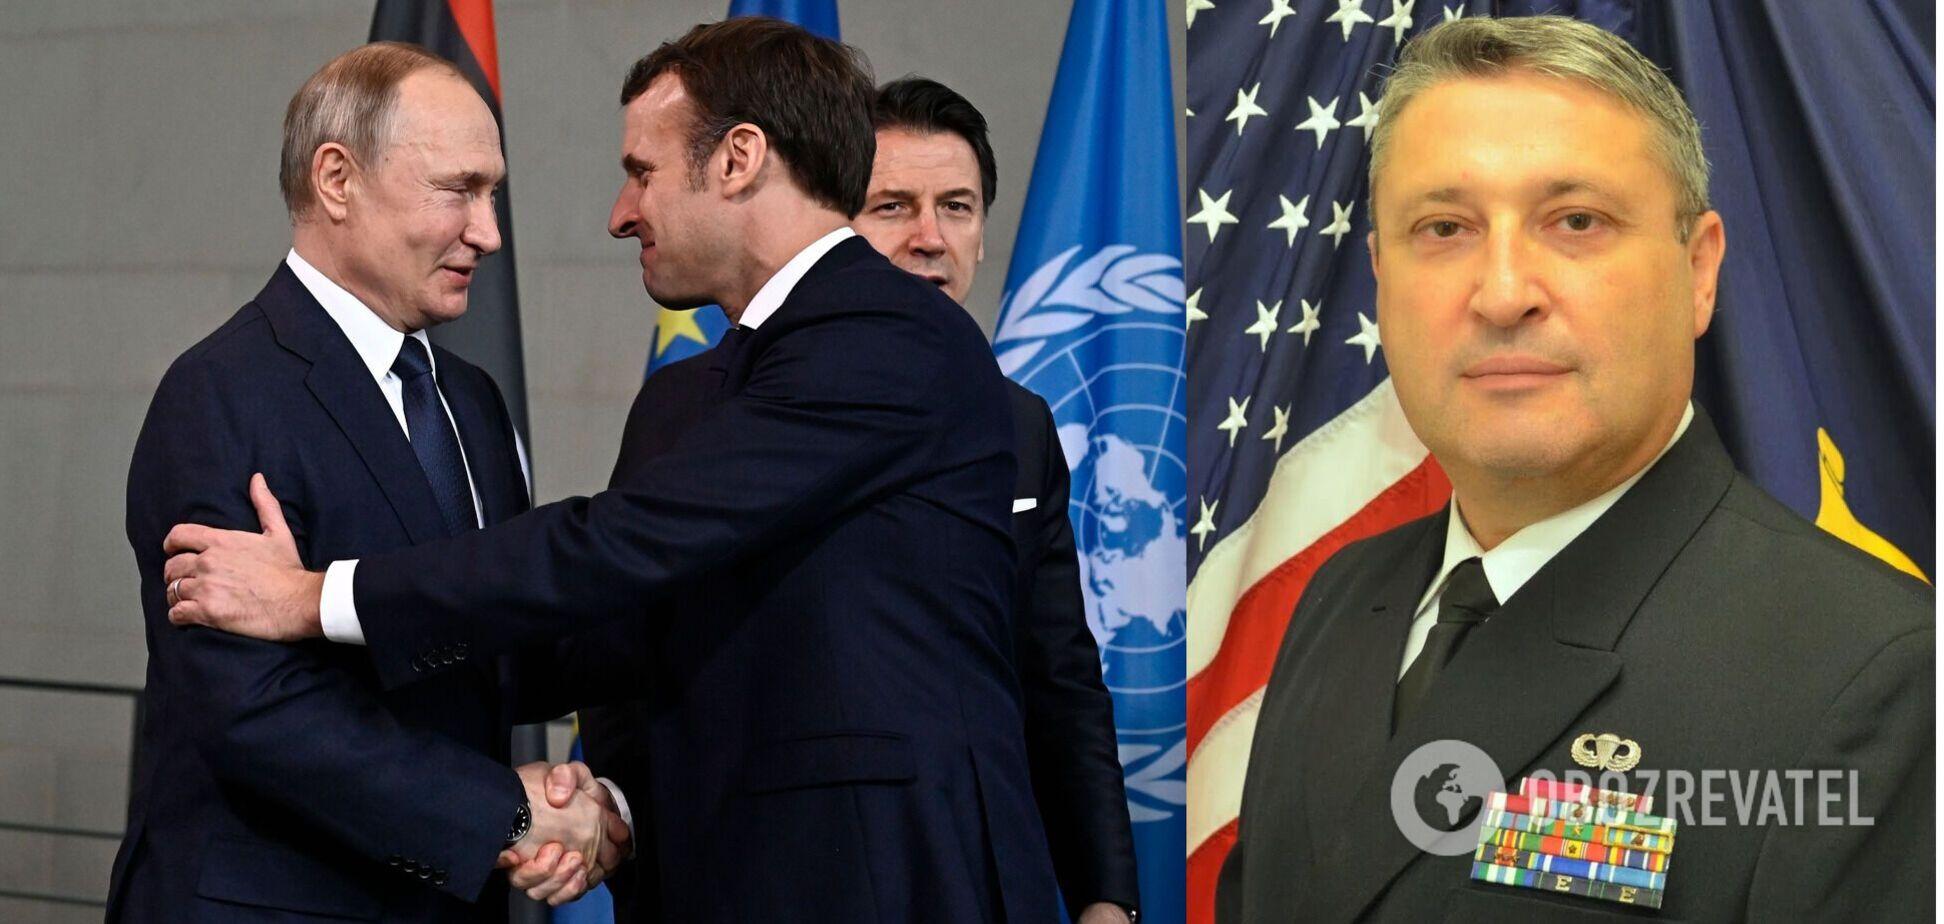 Запад дрейфит перед Путиным и говорит с ним в мягких перчатках, – Табах